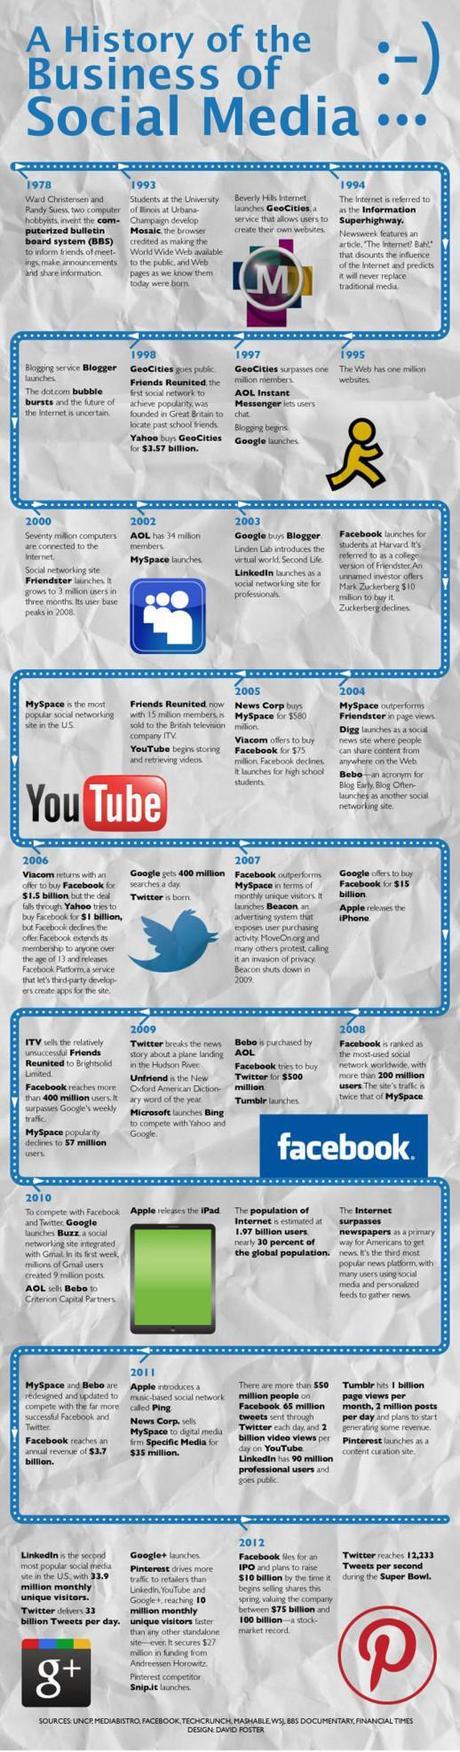 Comentario en La evolución histórica del negocio de los Social Media por maria